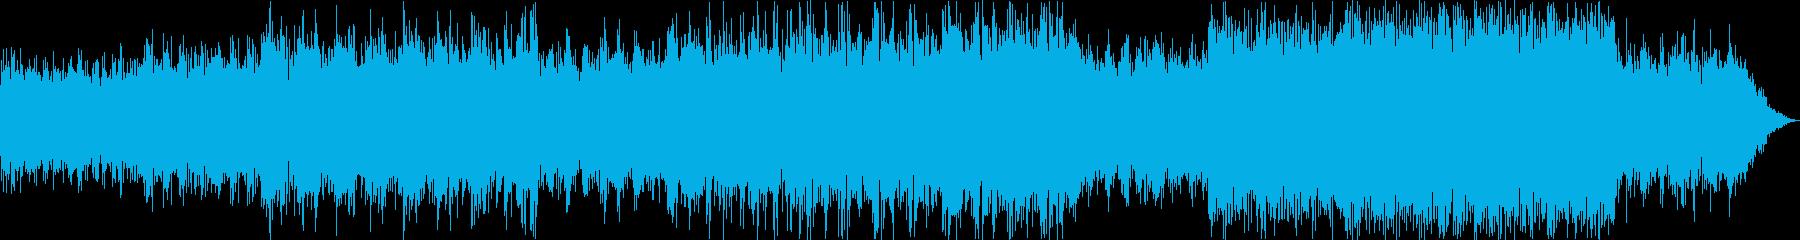 アンビエントEDM ミステリー/科学の再生済みの波形